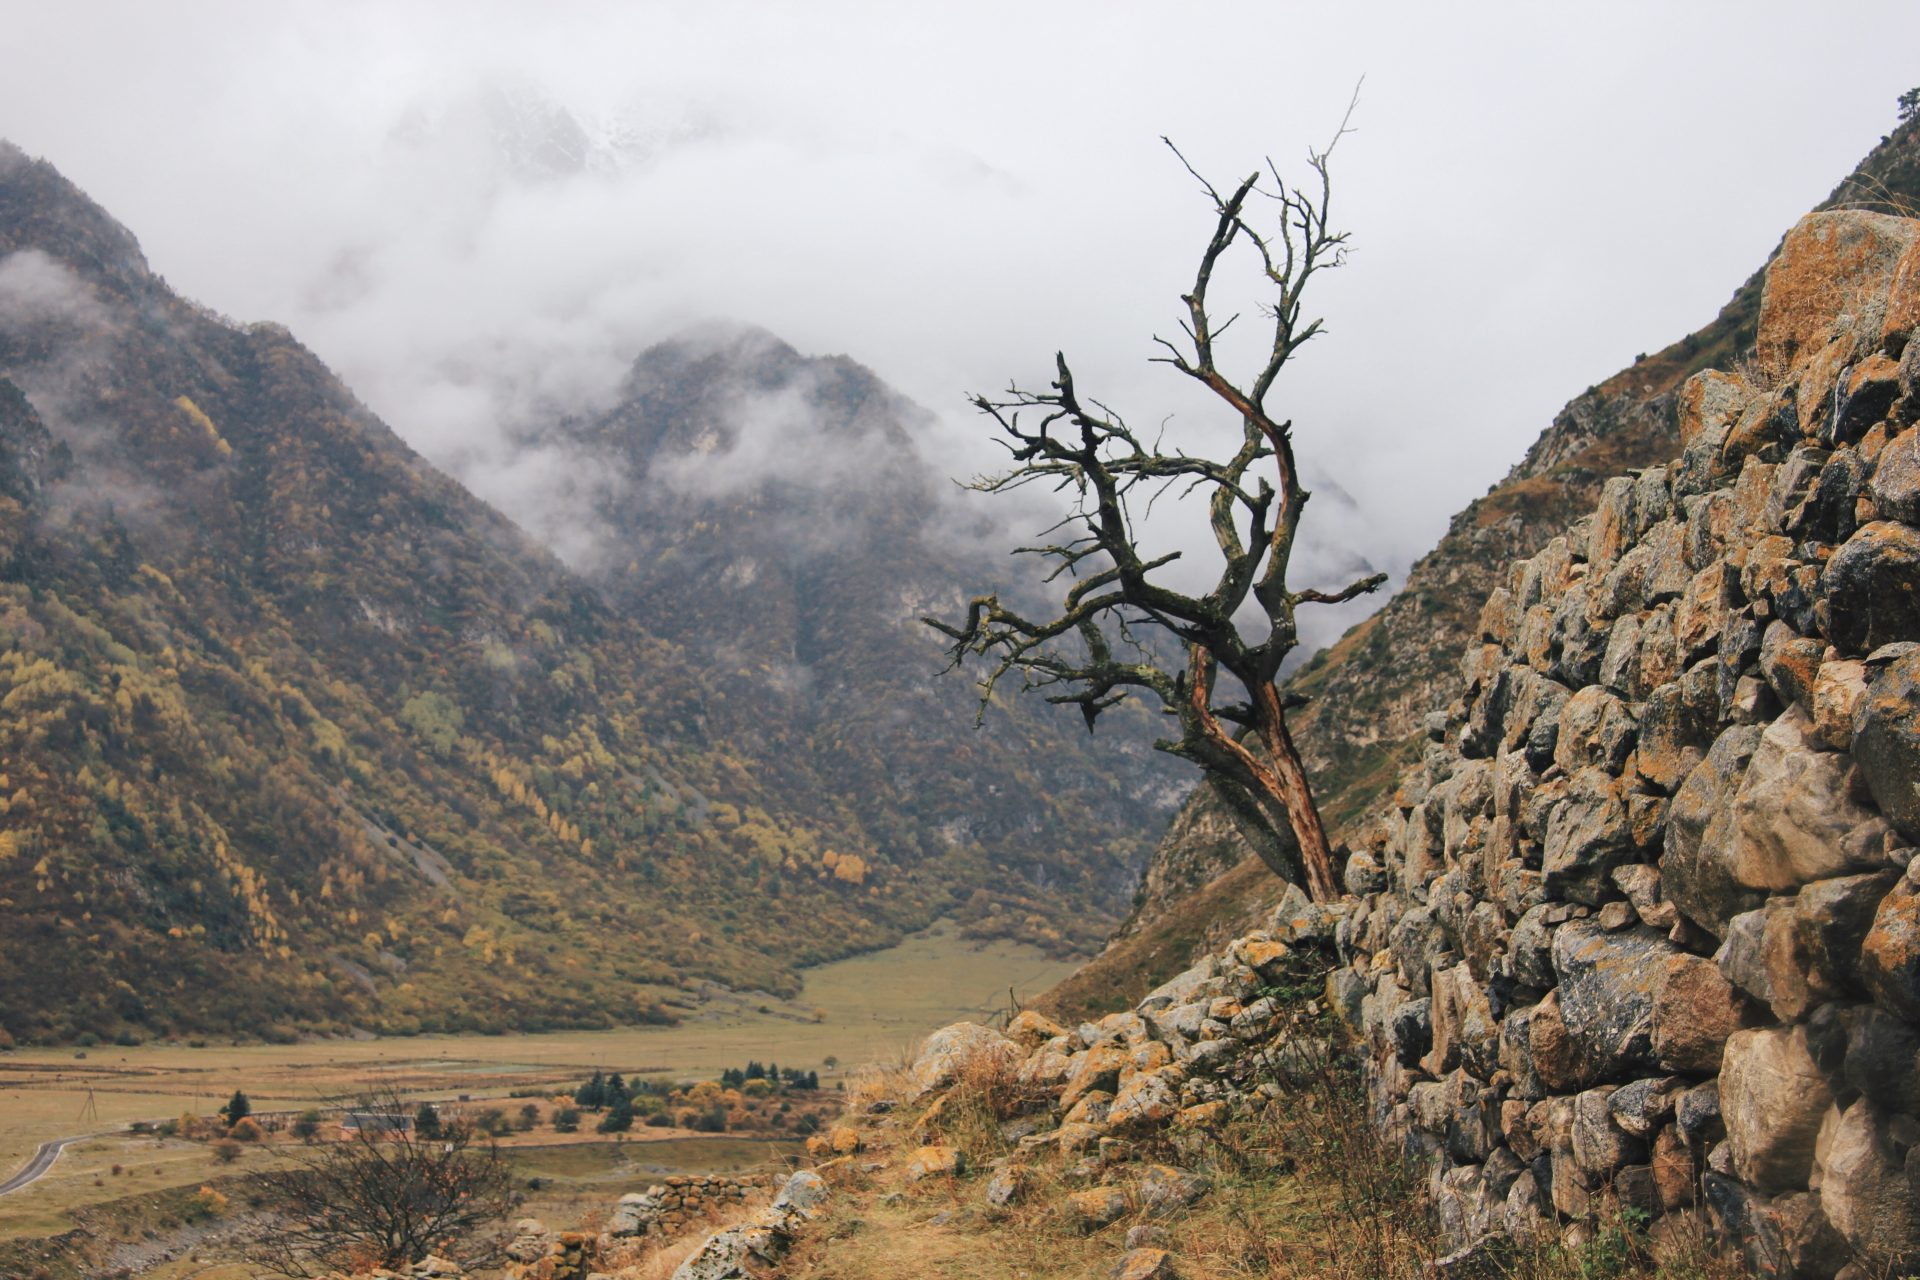 Matkahaaveet koronan jälkeen. Kaukasus-vuoret.